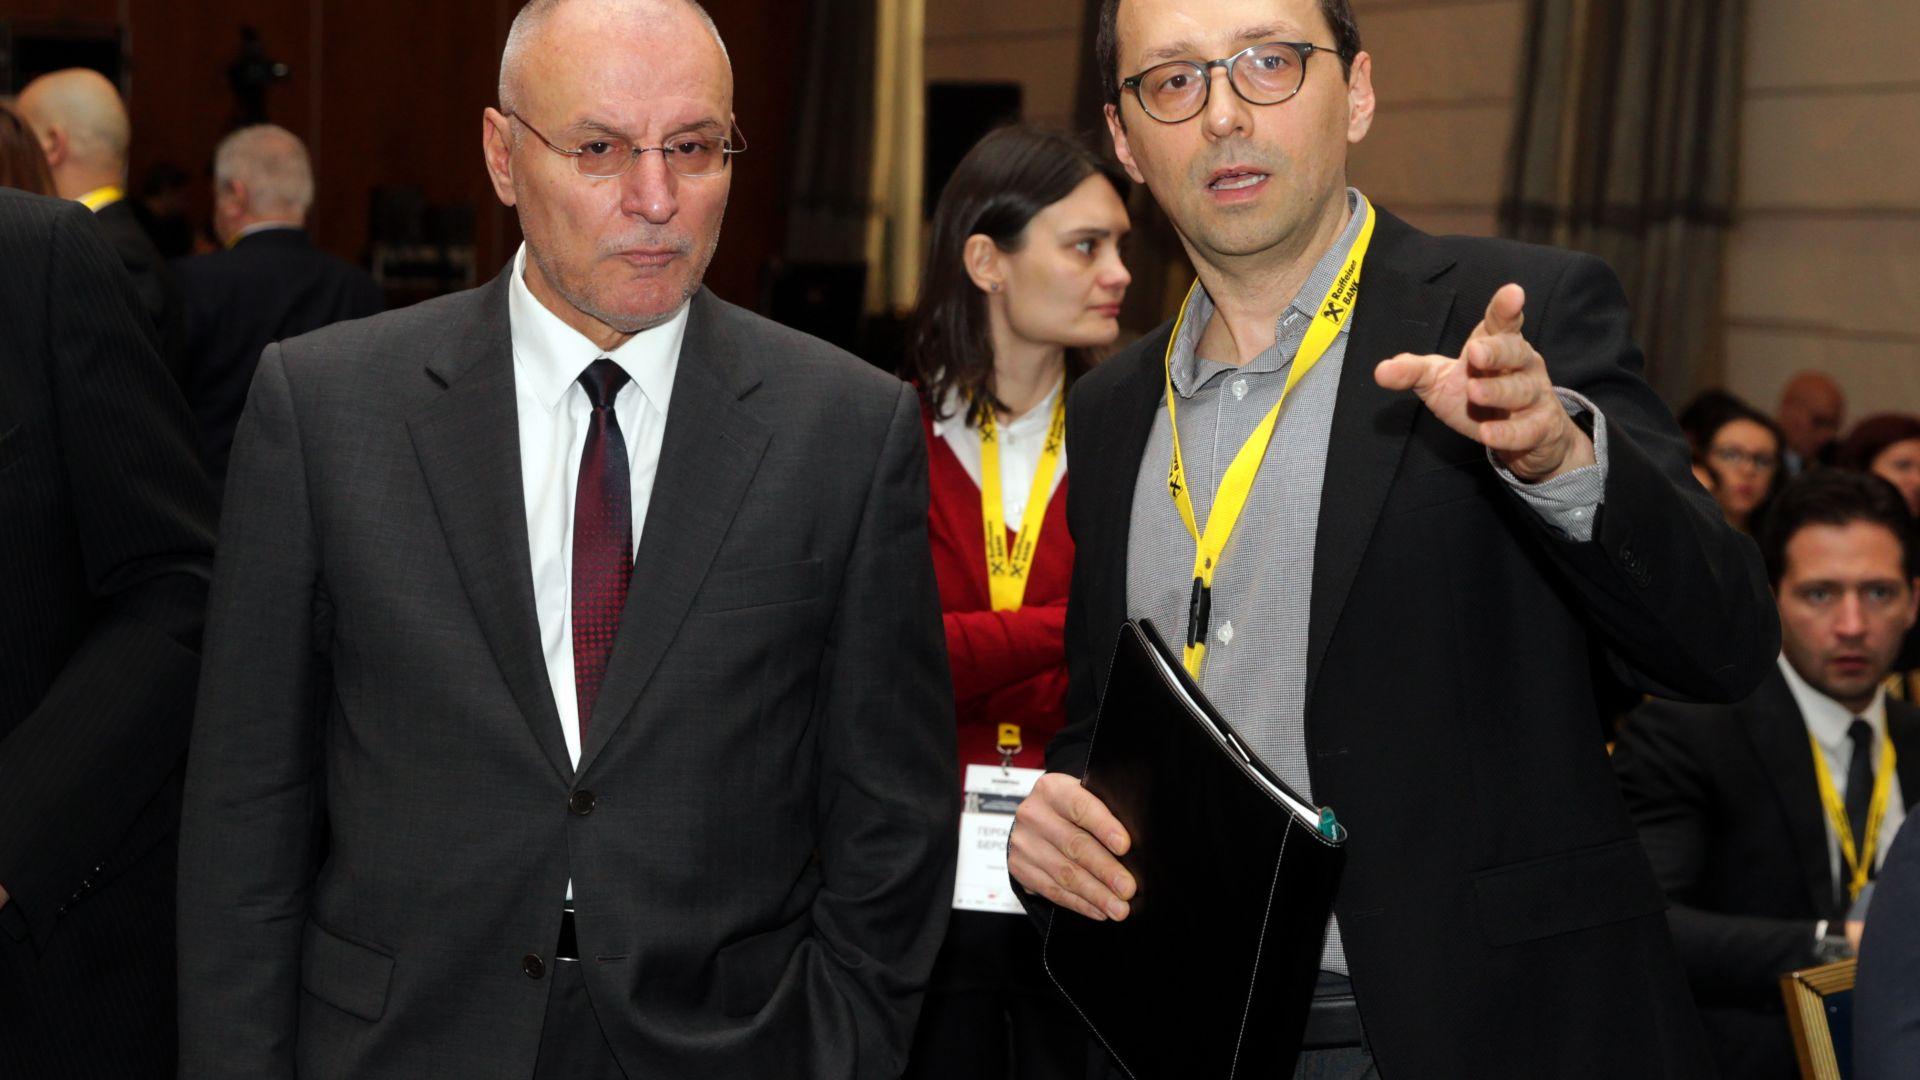 Радев: Никой вече не гледа Маастрихт за еврото, искат реформи